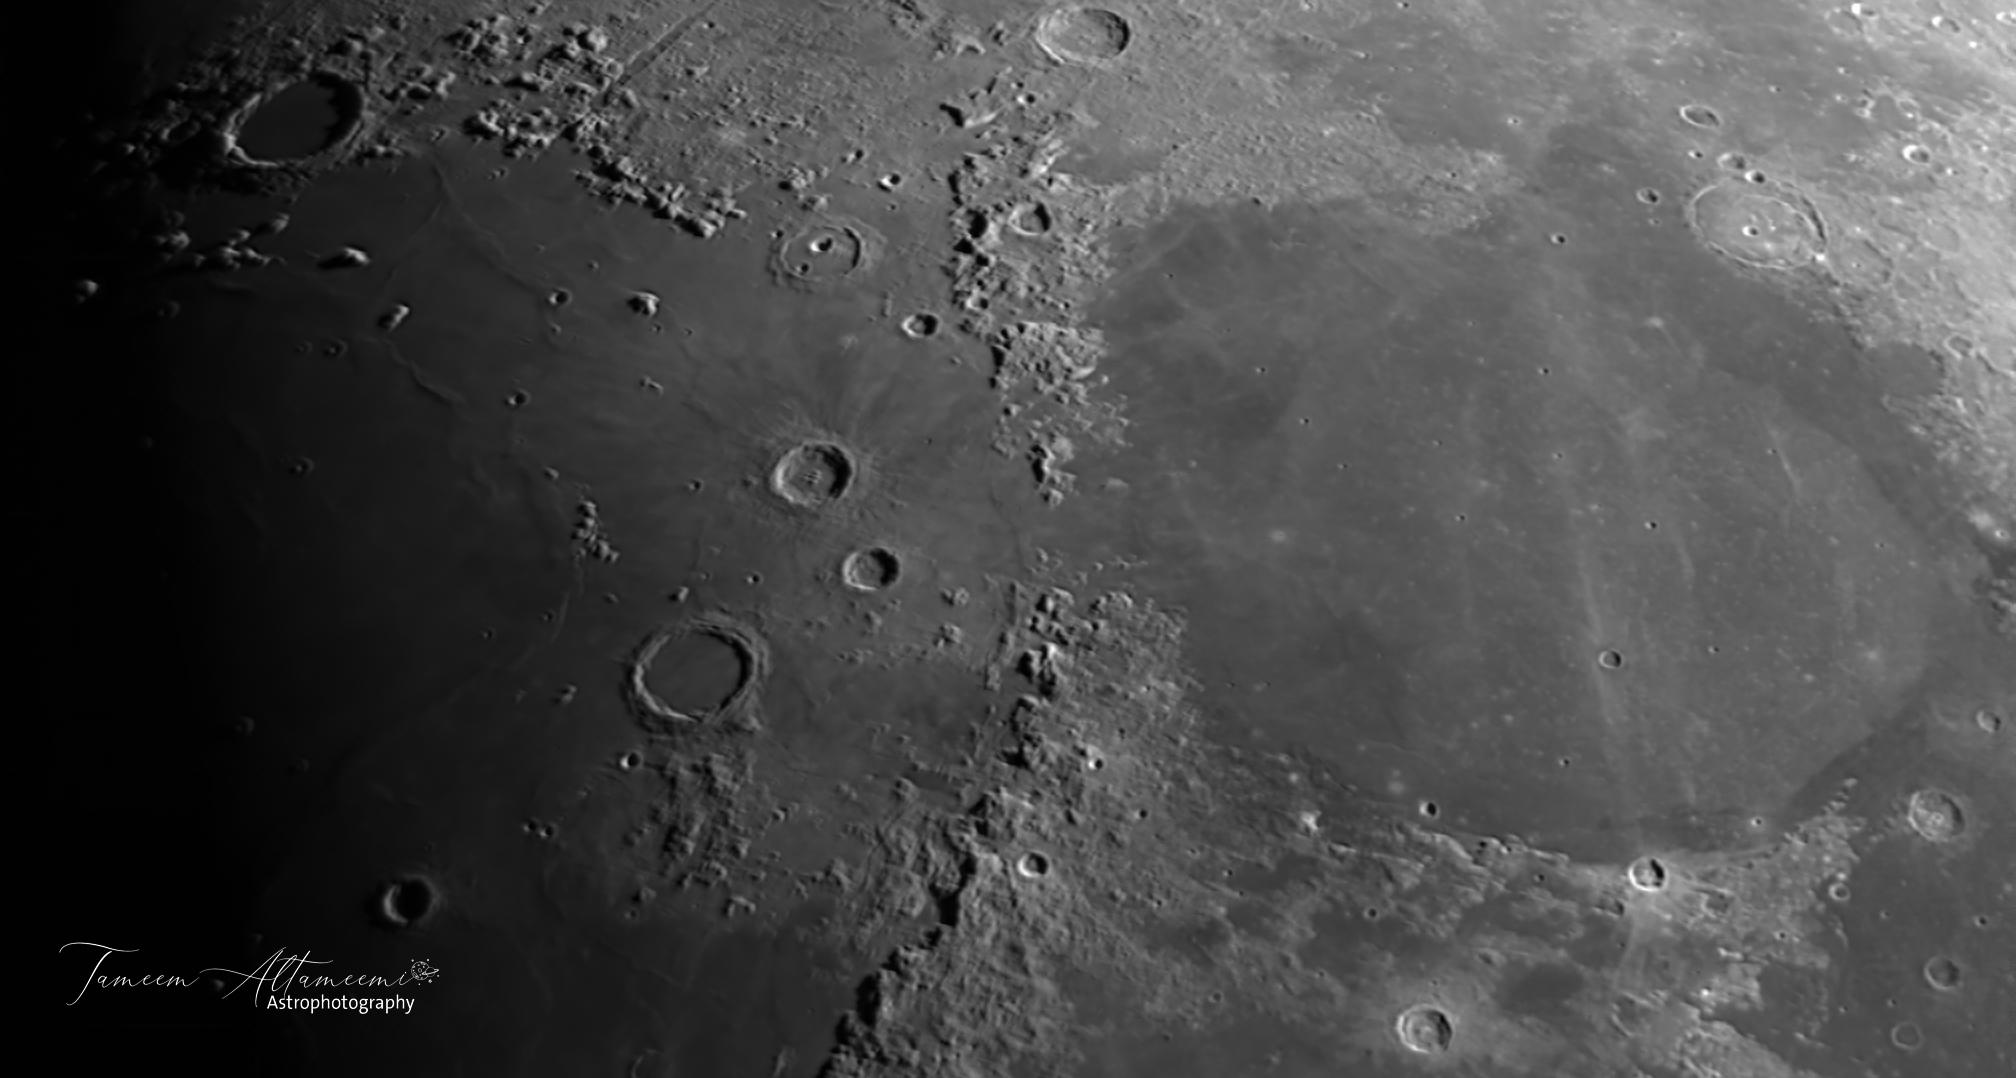 جانب من سطح القمر